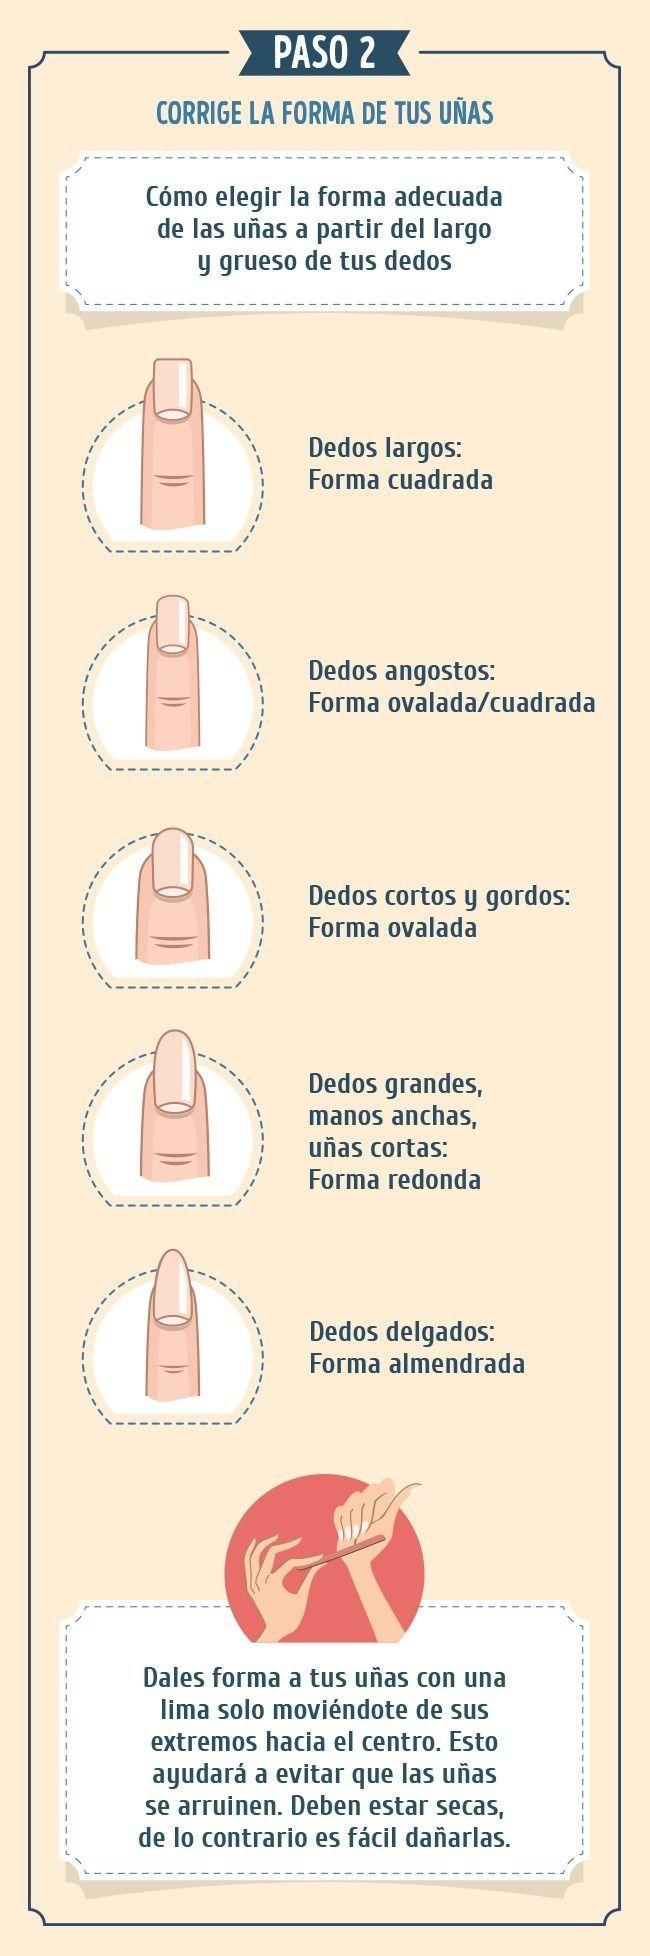 Lamejor instrucción para que tus uñas luzcan geniales